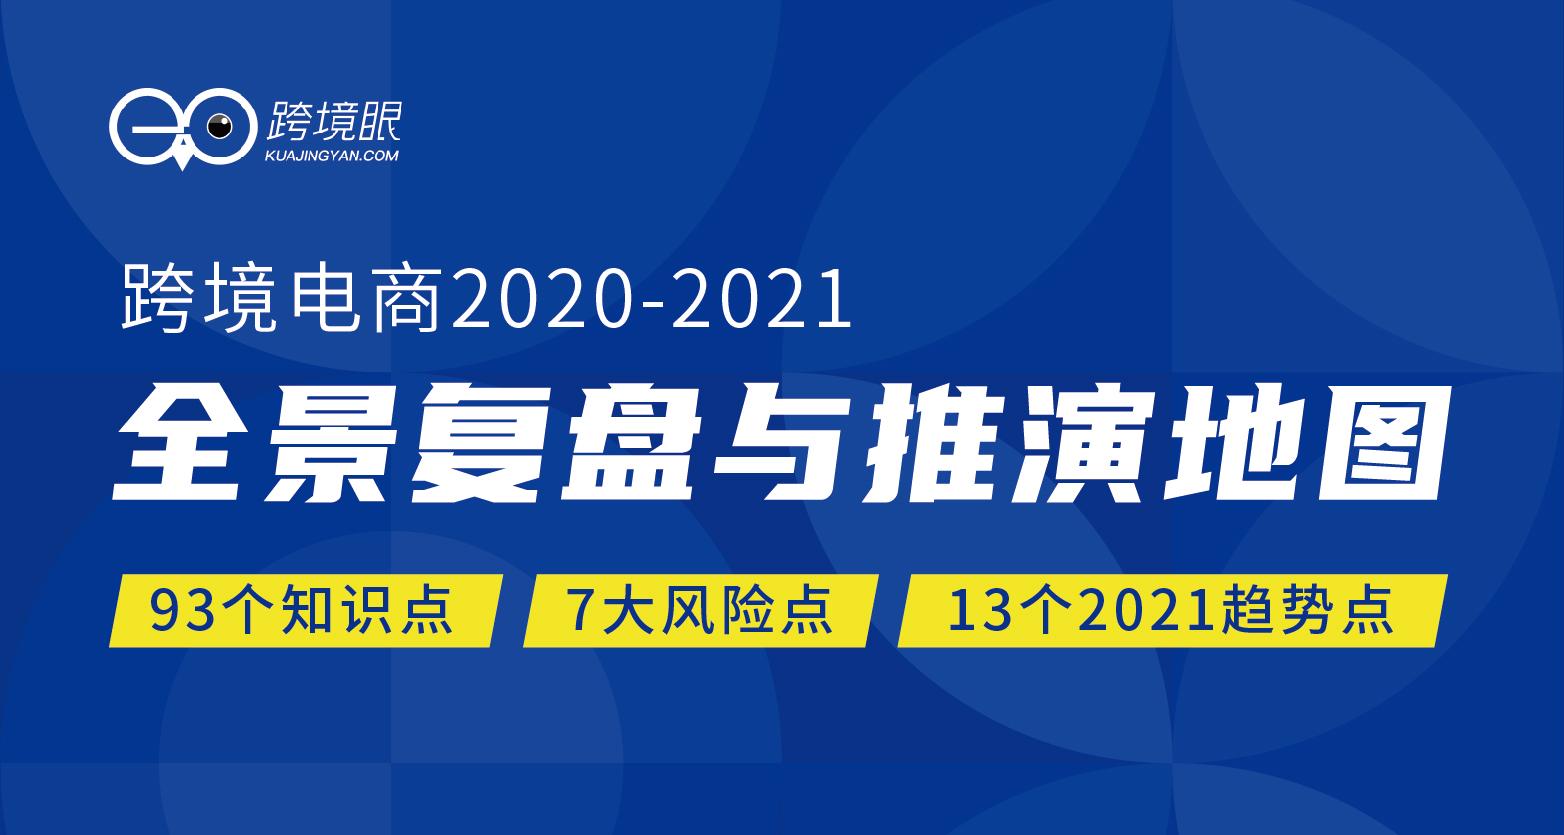 跨境格局大变:2020踩过的坑与2021布局风险与趋势提醒